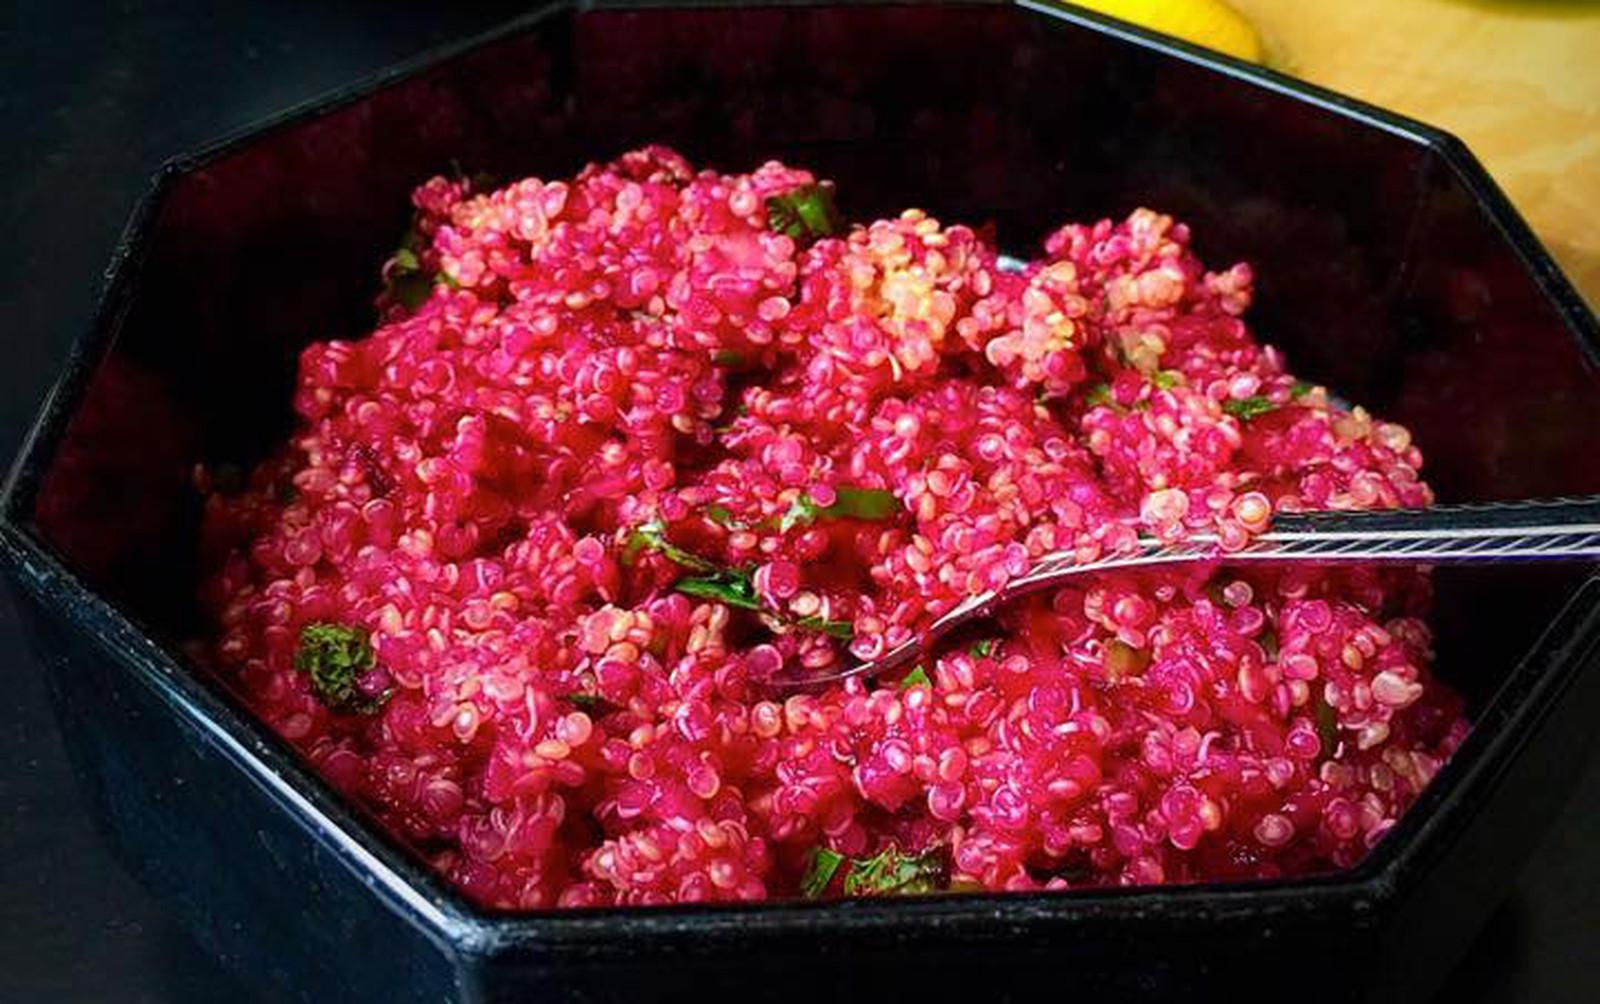 Herbed Beet Quinoa Tabbouleh [Vegan, Gluten-Free]